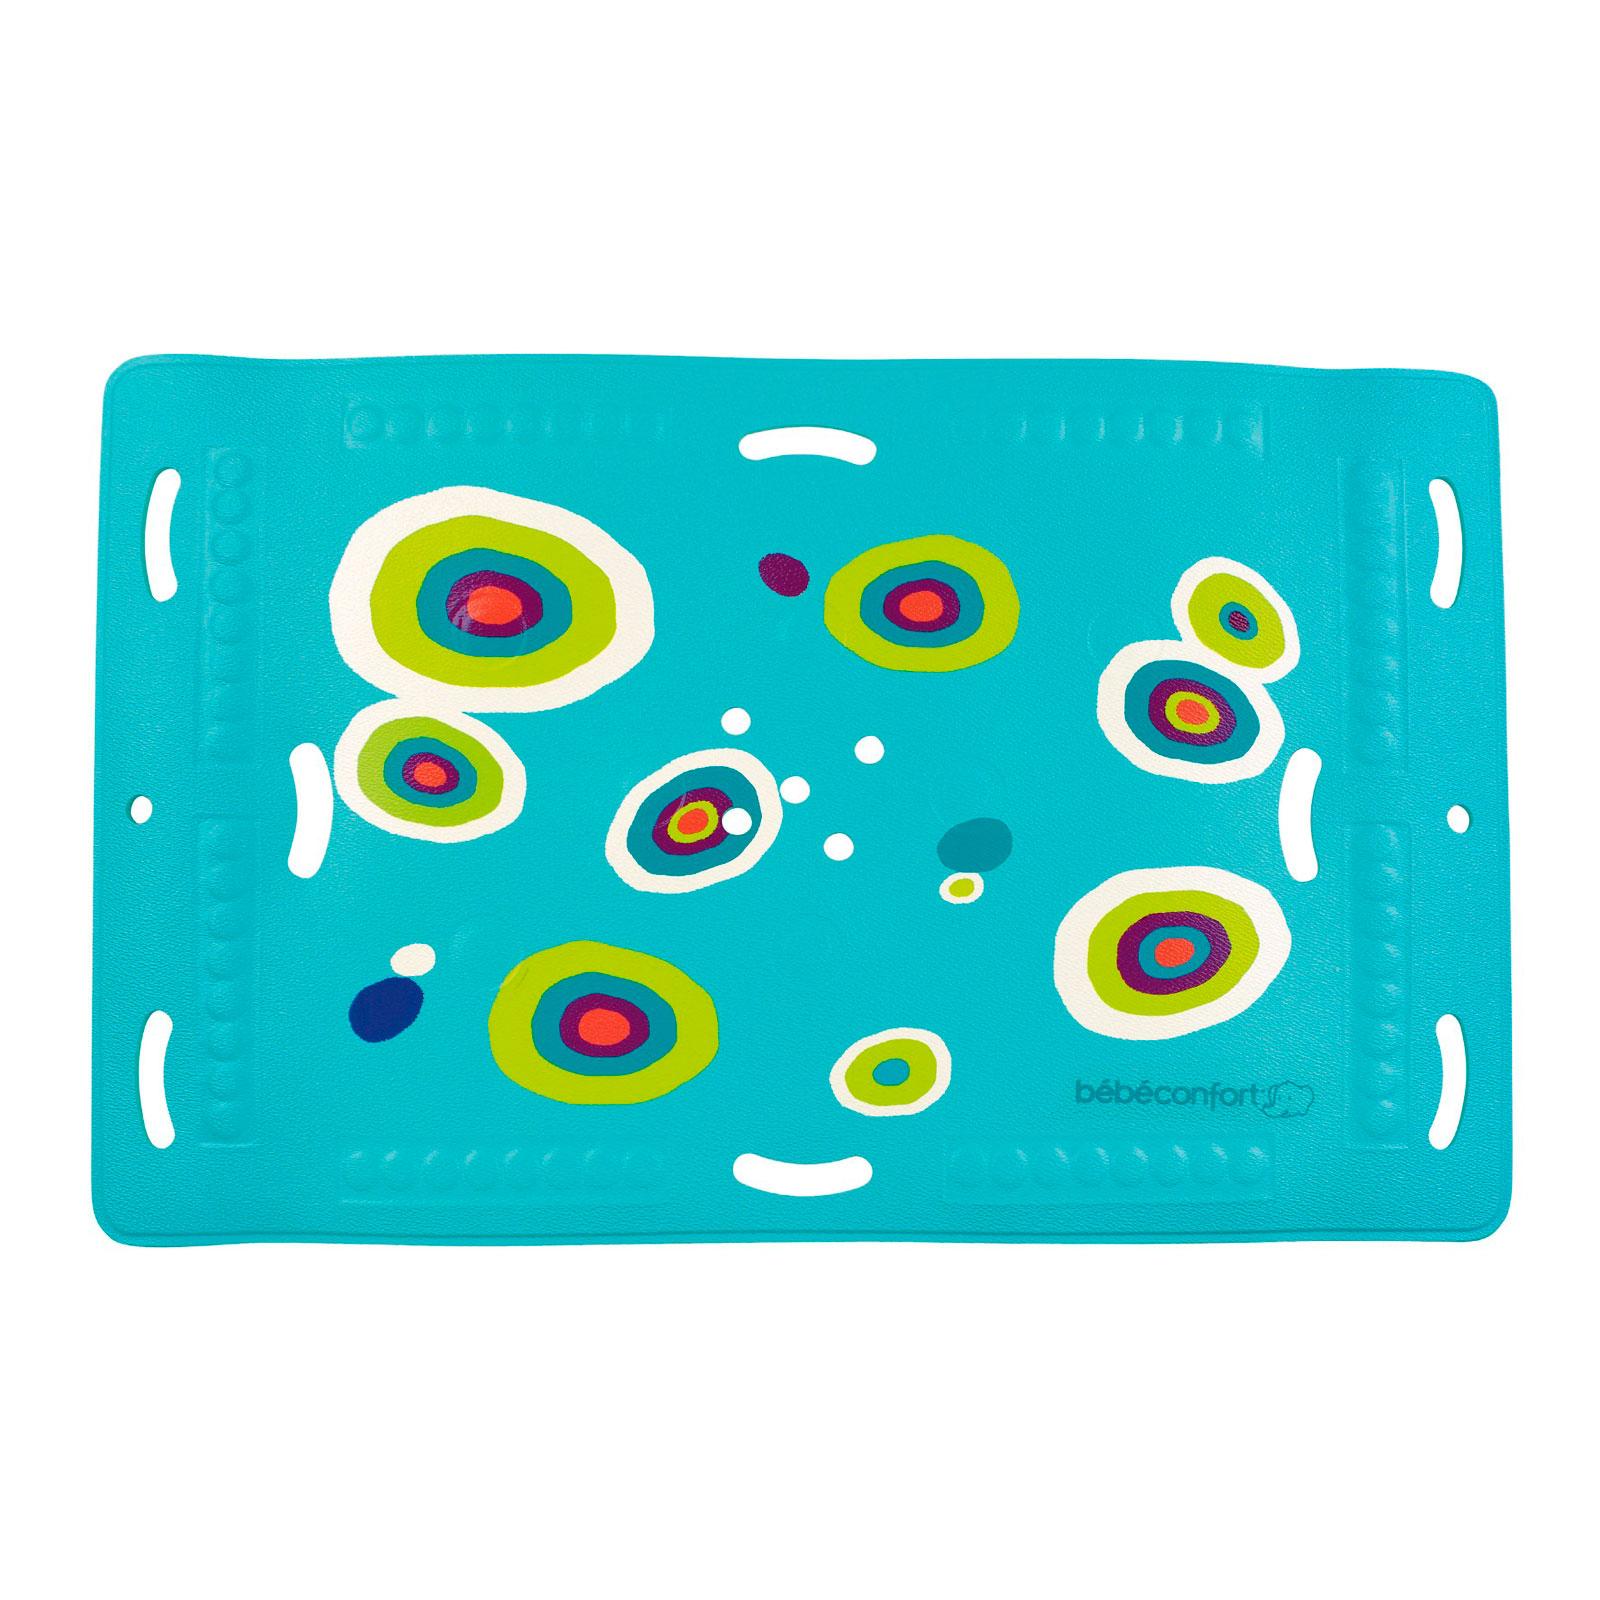 Коврик Bebe Confort для ванной с термоиндикатором, цвет - Голубой 57 х 36 см<br>